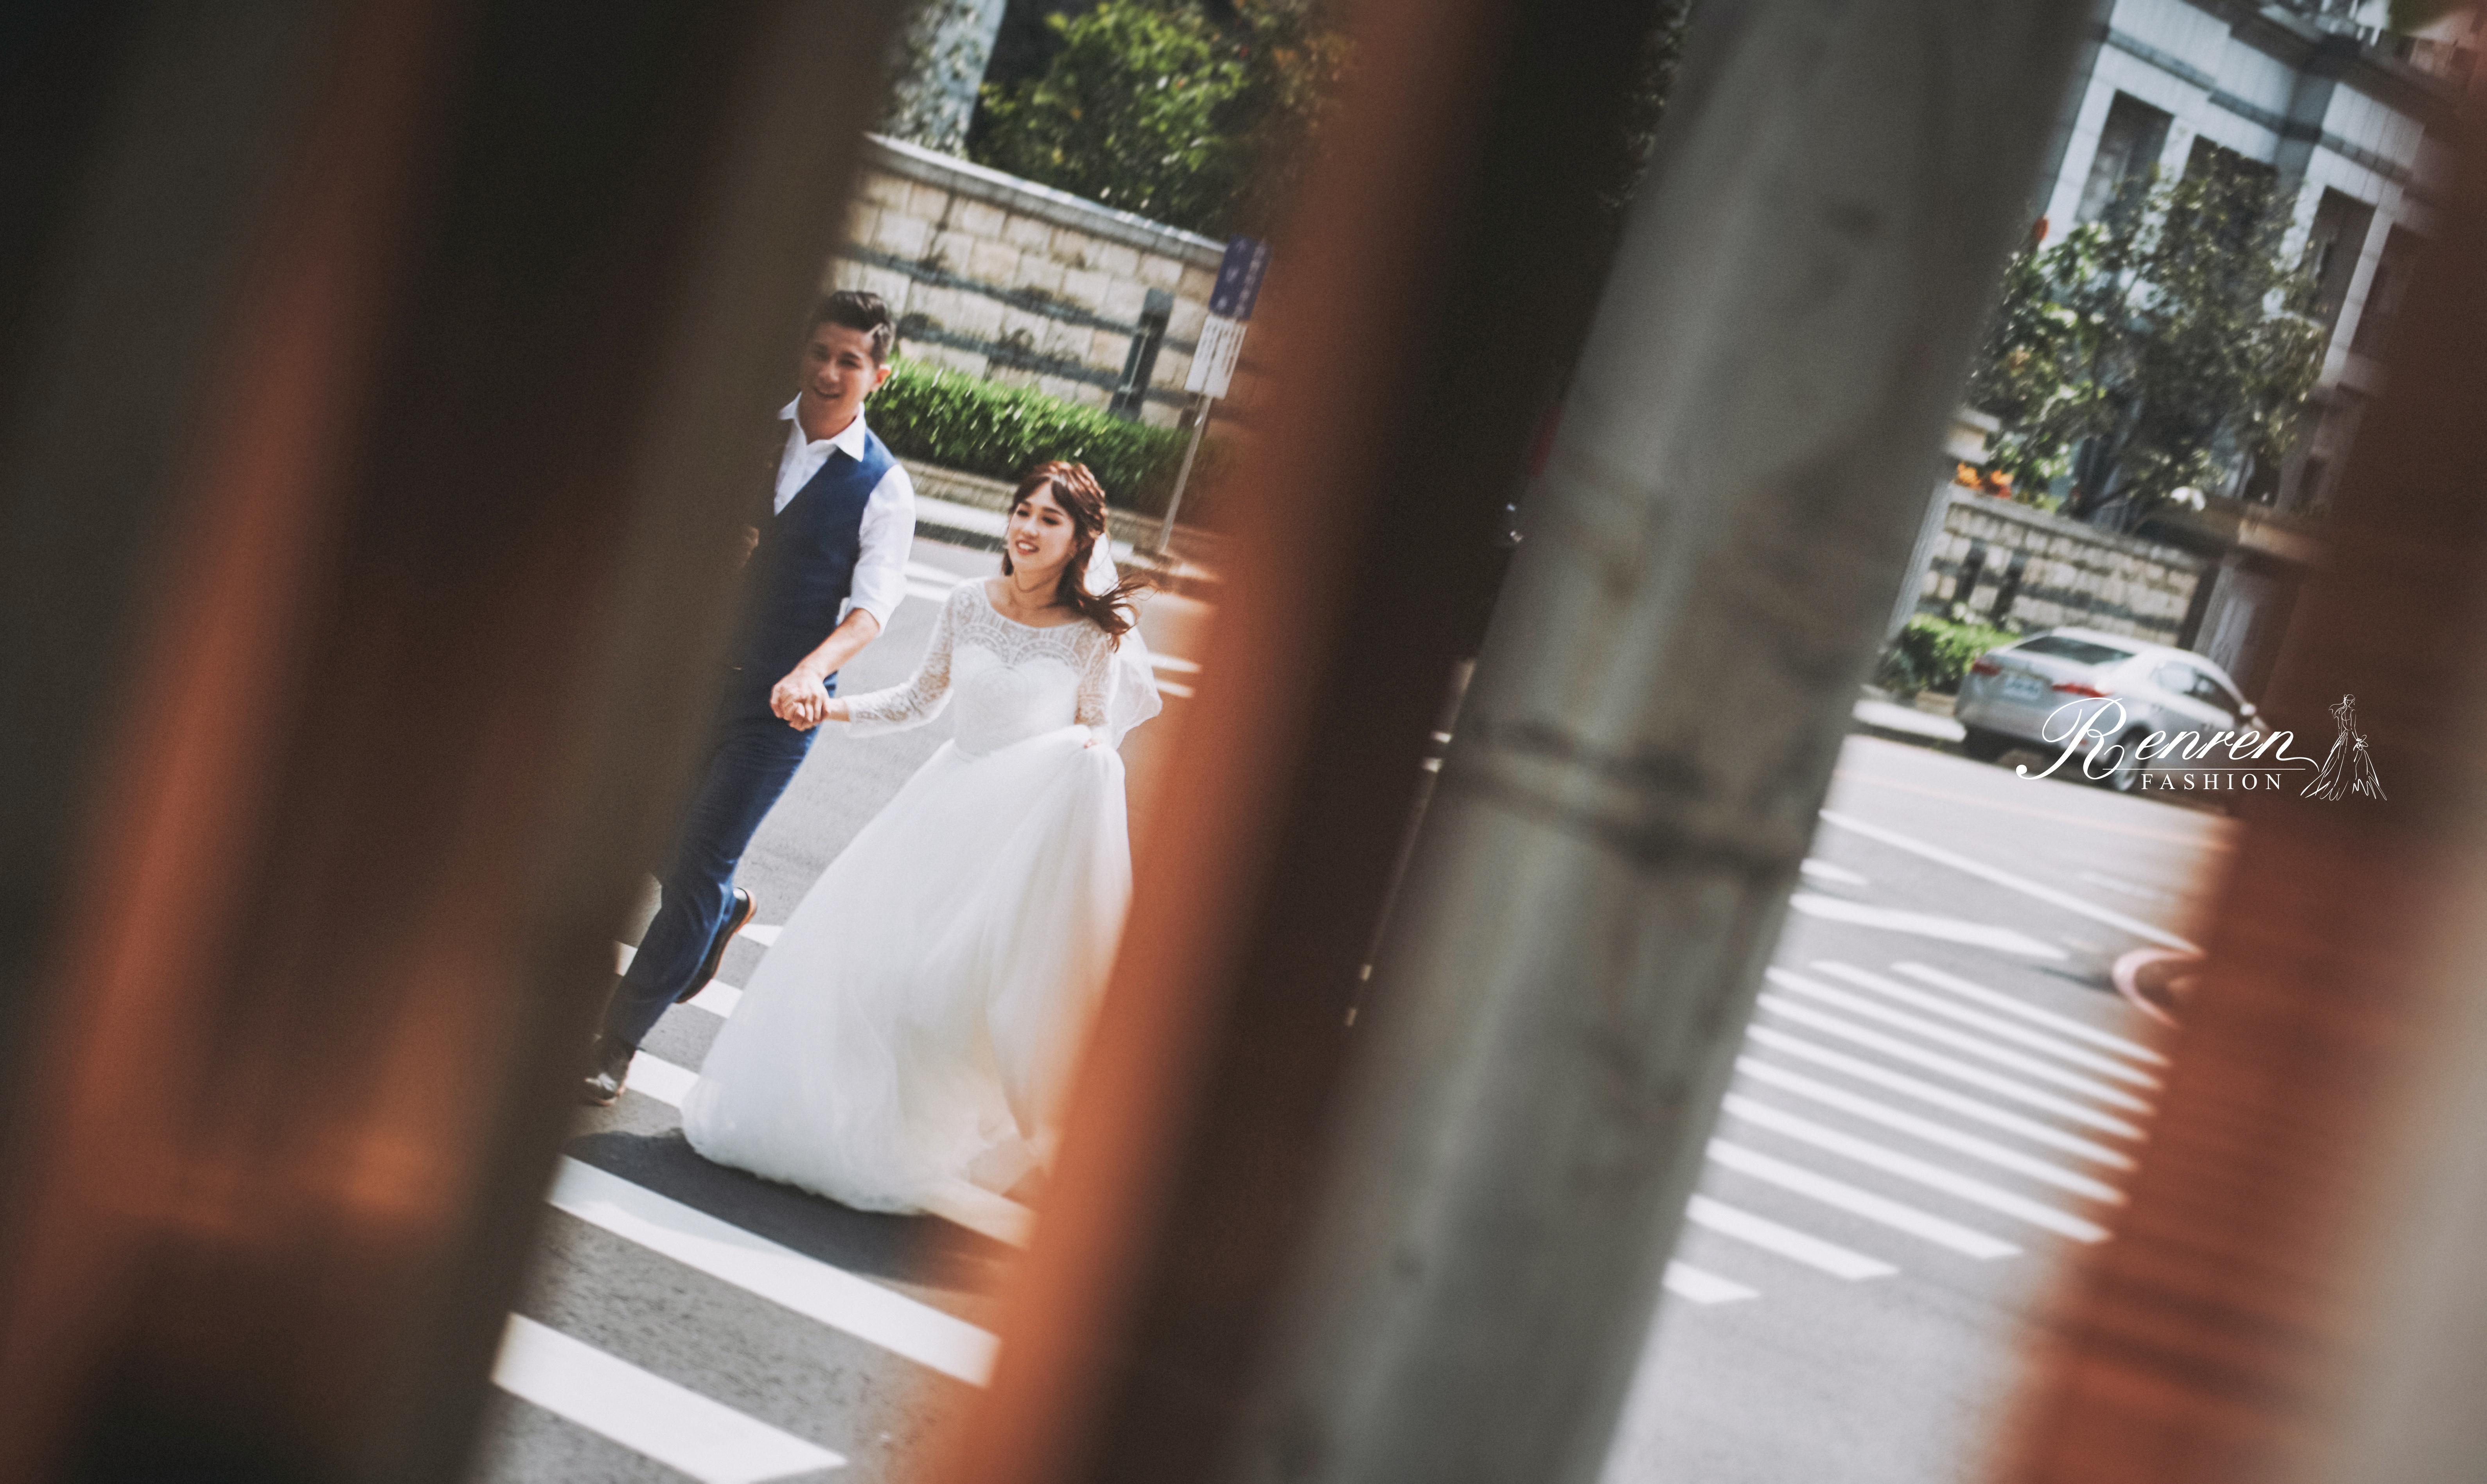 台中婚紗-街拍婚紗-冉冉婚紗